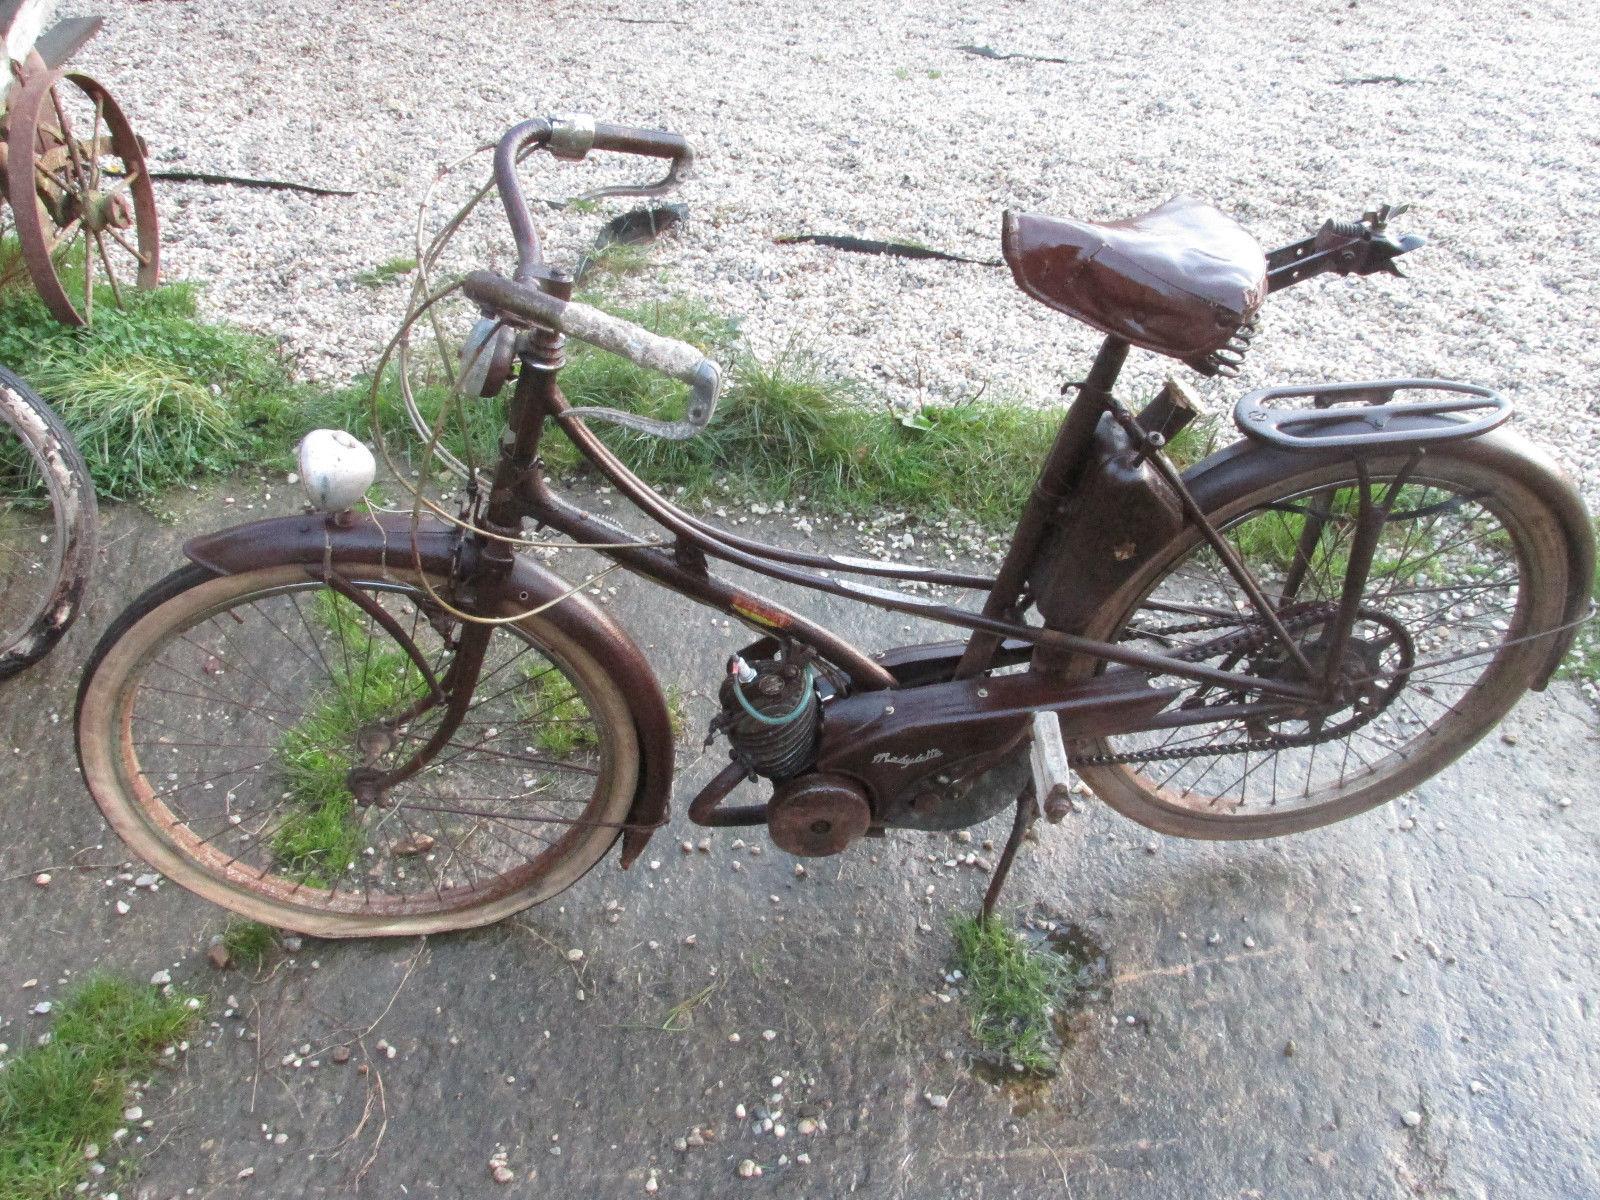 1954 motobecane av3 moped mobylette velosolex motor caravan french moped. Black Bedroom Furniture Sets. Home Design Ideas